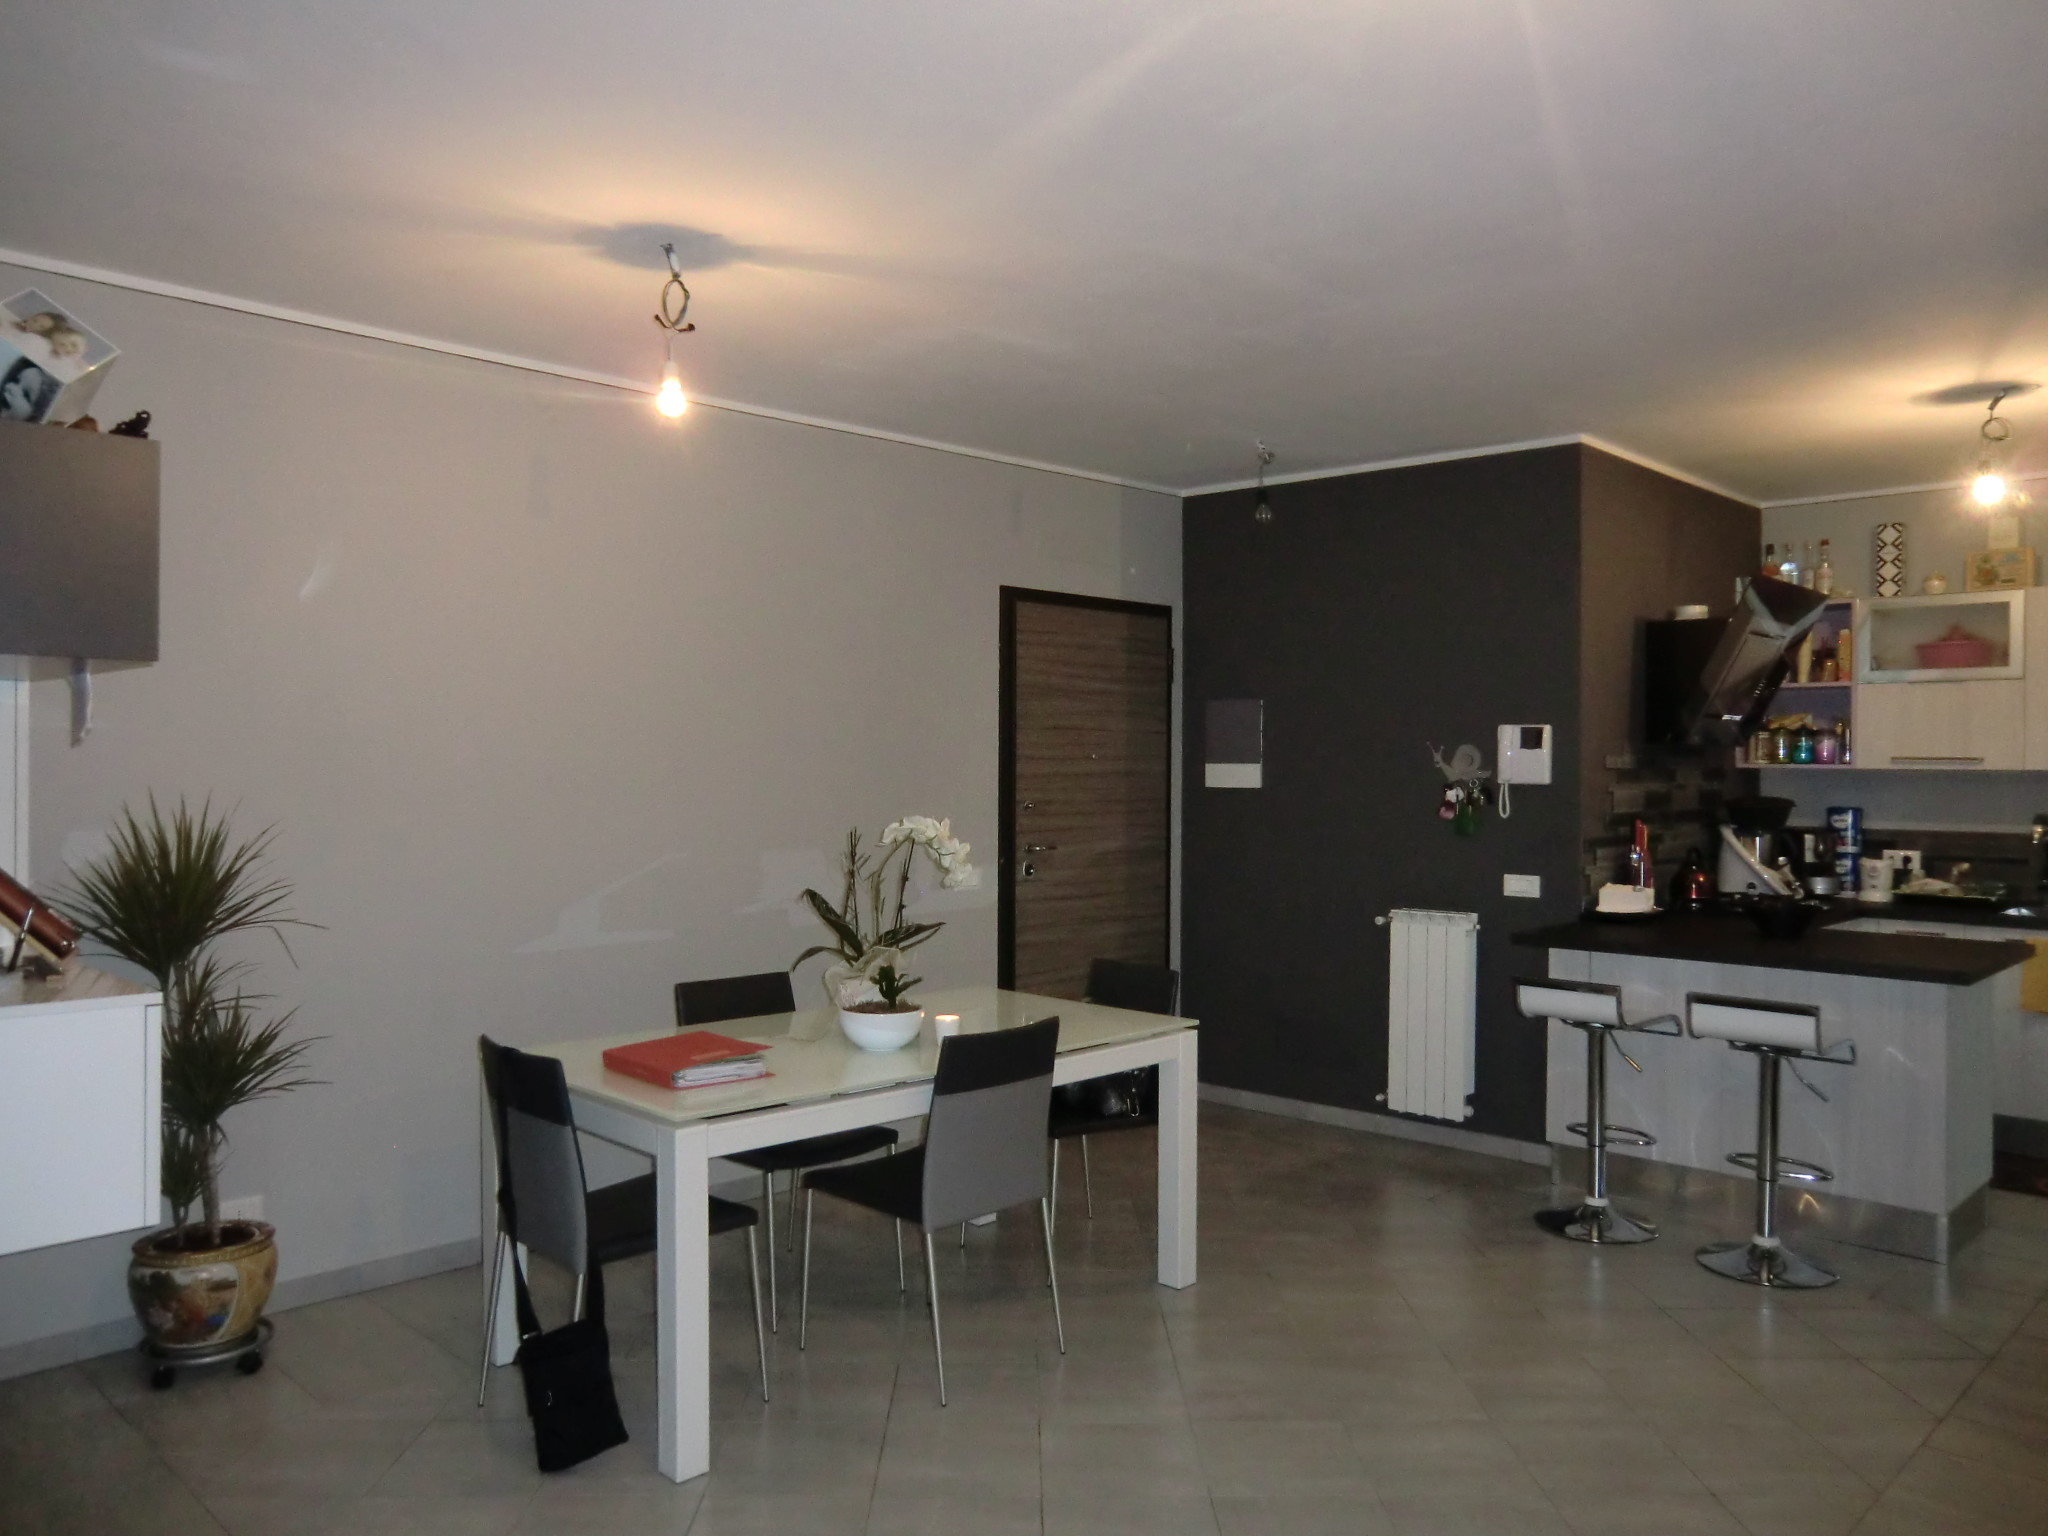 Ufficio Casa Domodossola : Più casa agenzia immobiliare di deborah reggiani